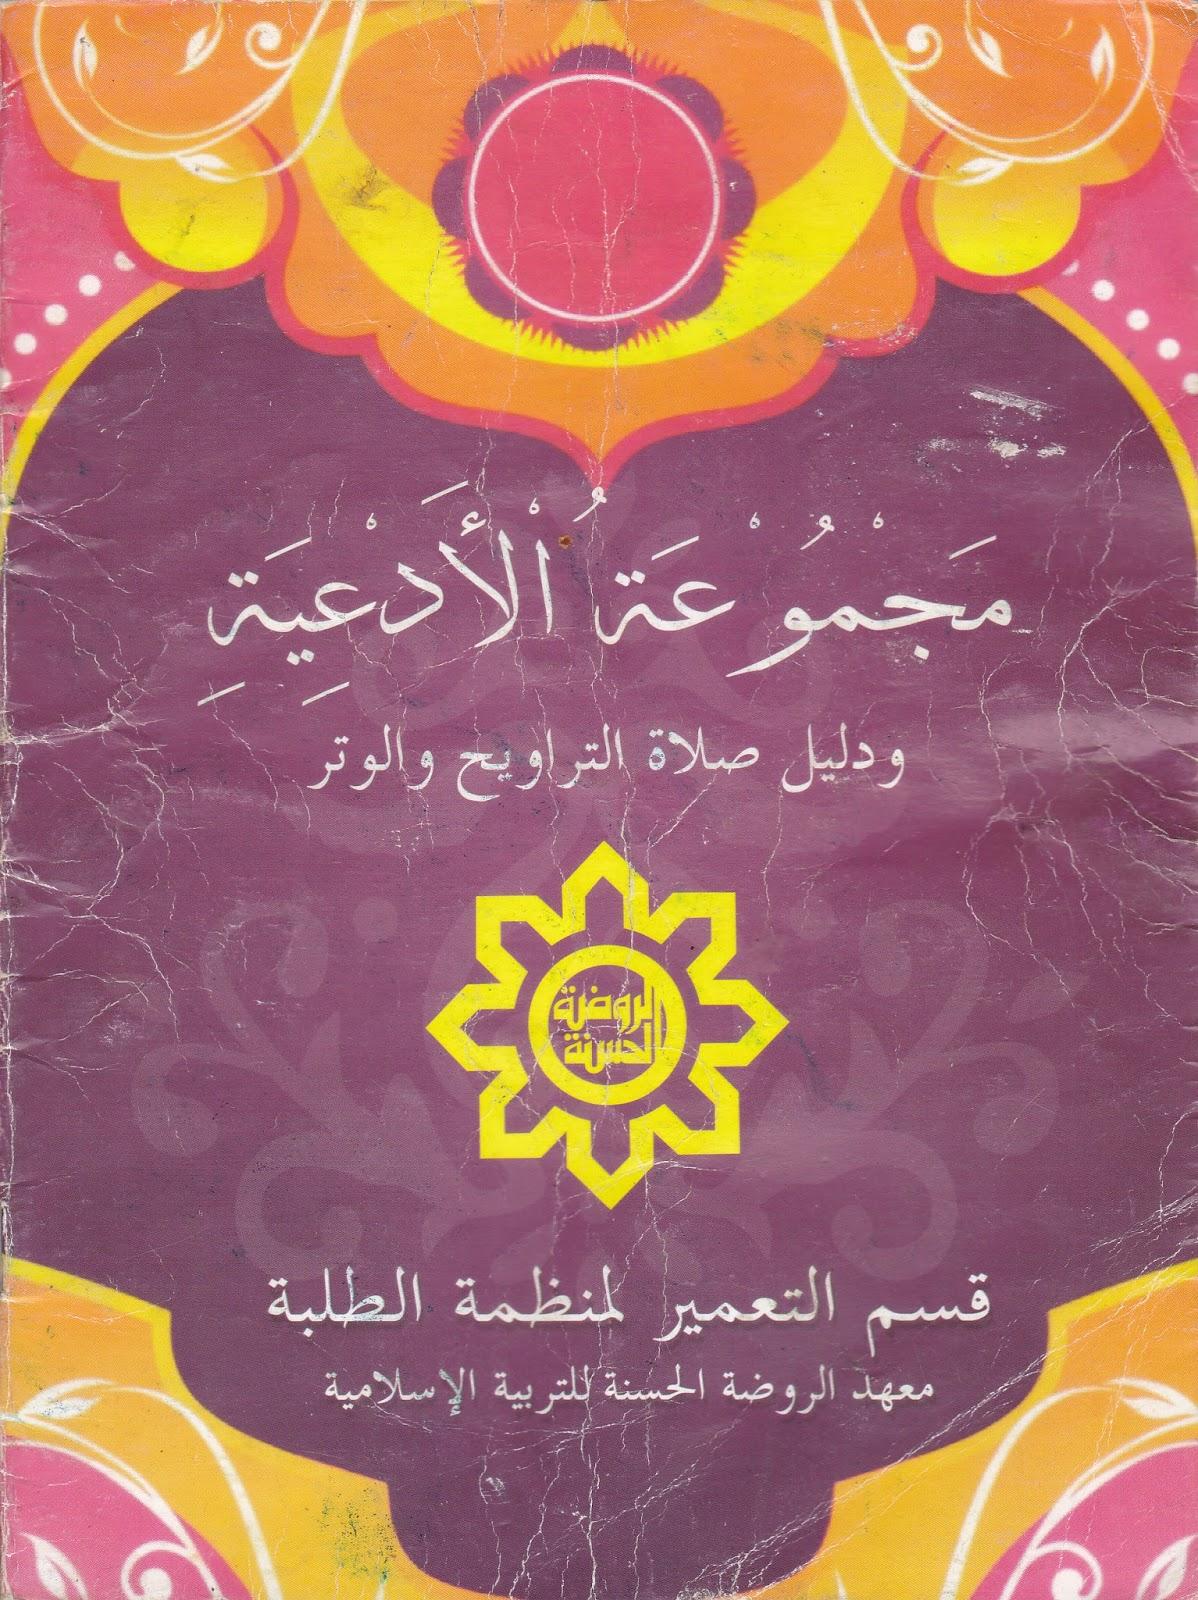 Kumpulan Doa Setelah Sholat dan Petunjuk Sholat Tarawih [PDF]